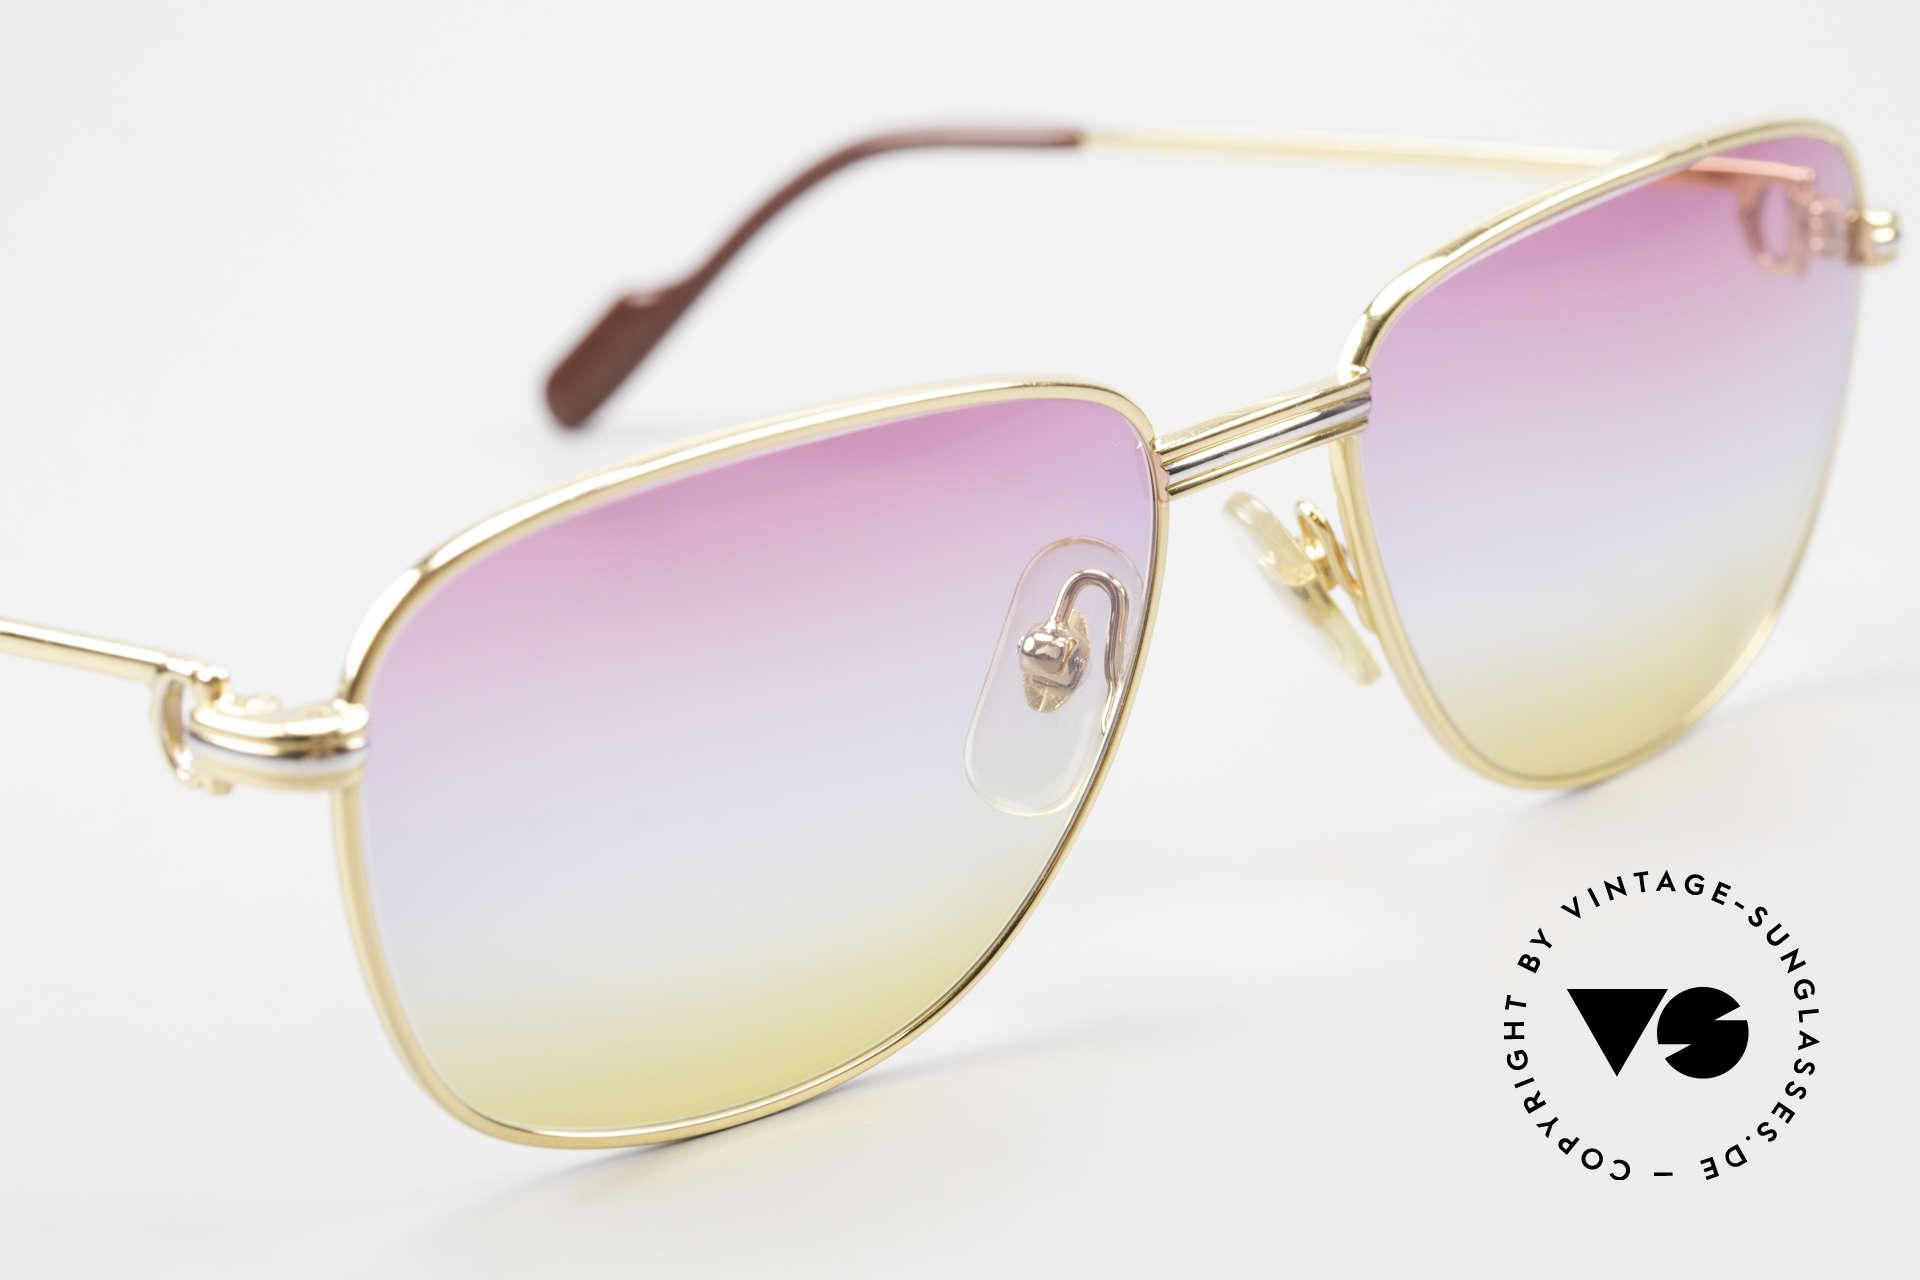 Cartier Courcelles 90er Luxus Sonnenbrille Unikat, 2.hand Modell im neuwertigen Zustand + Chanel Etui, Passend für Herren und Damen